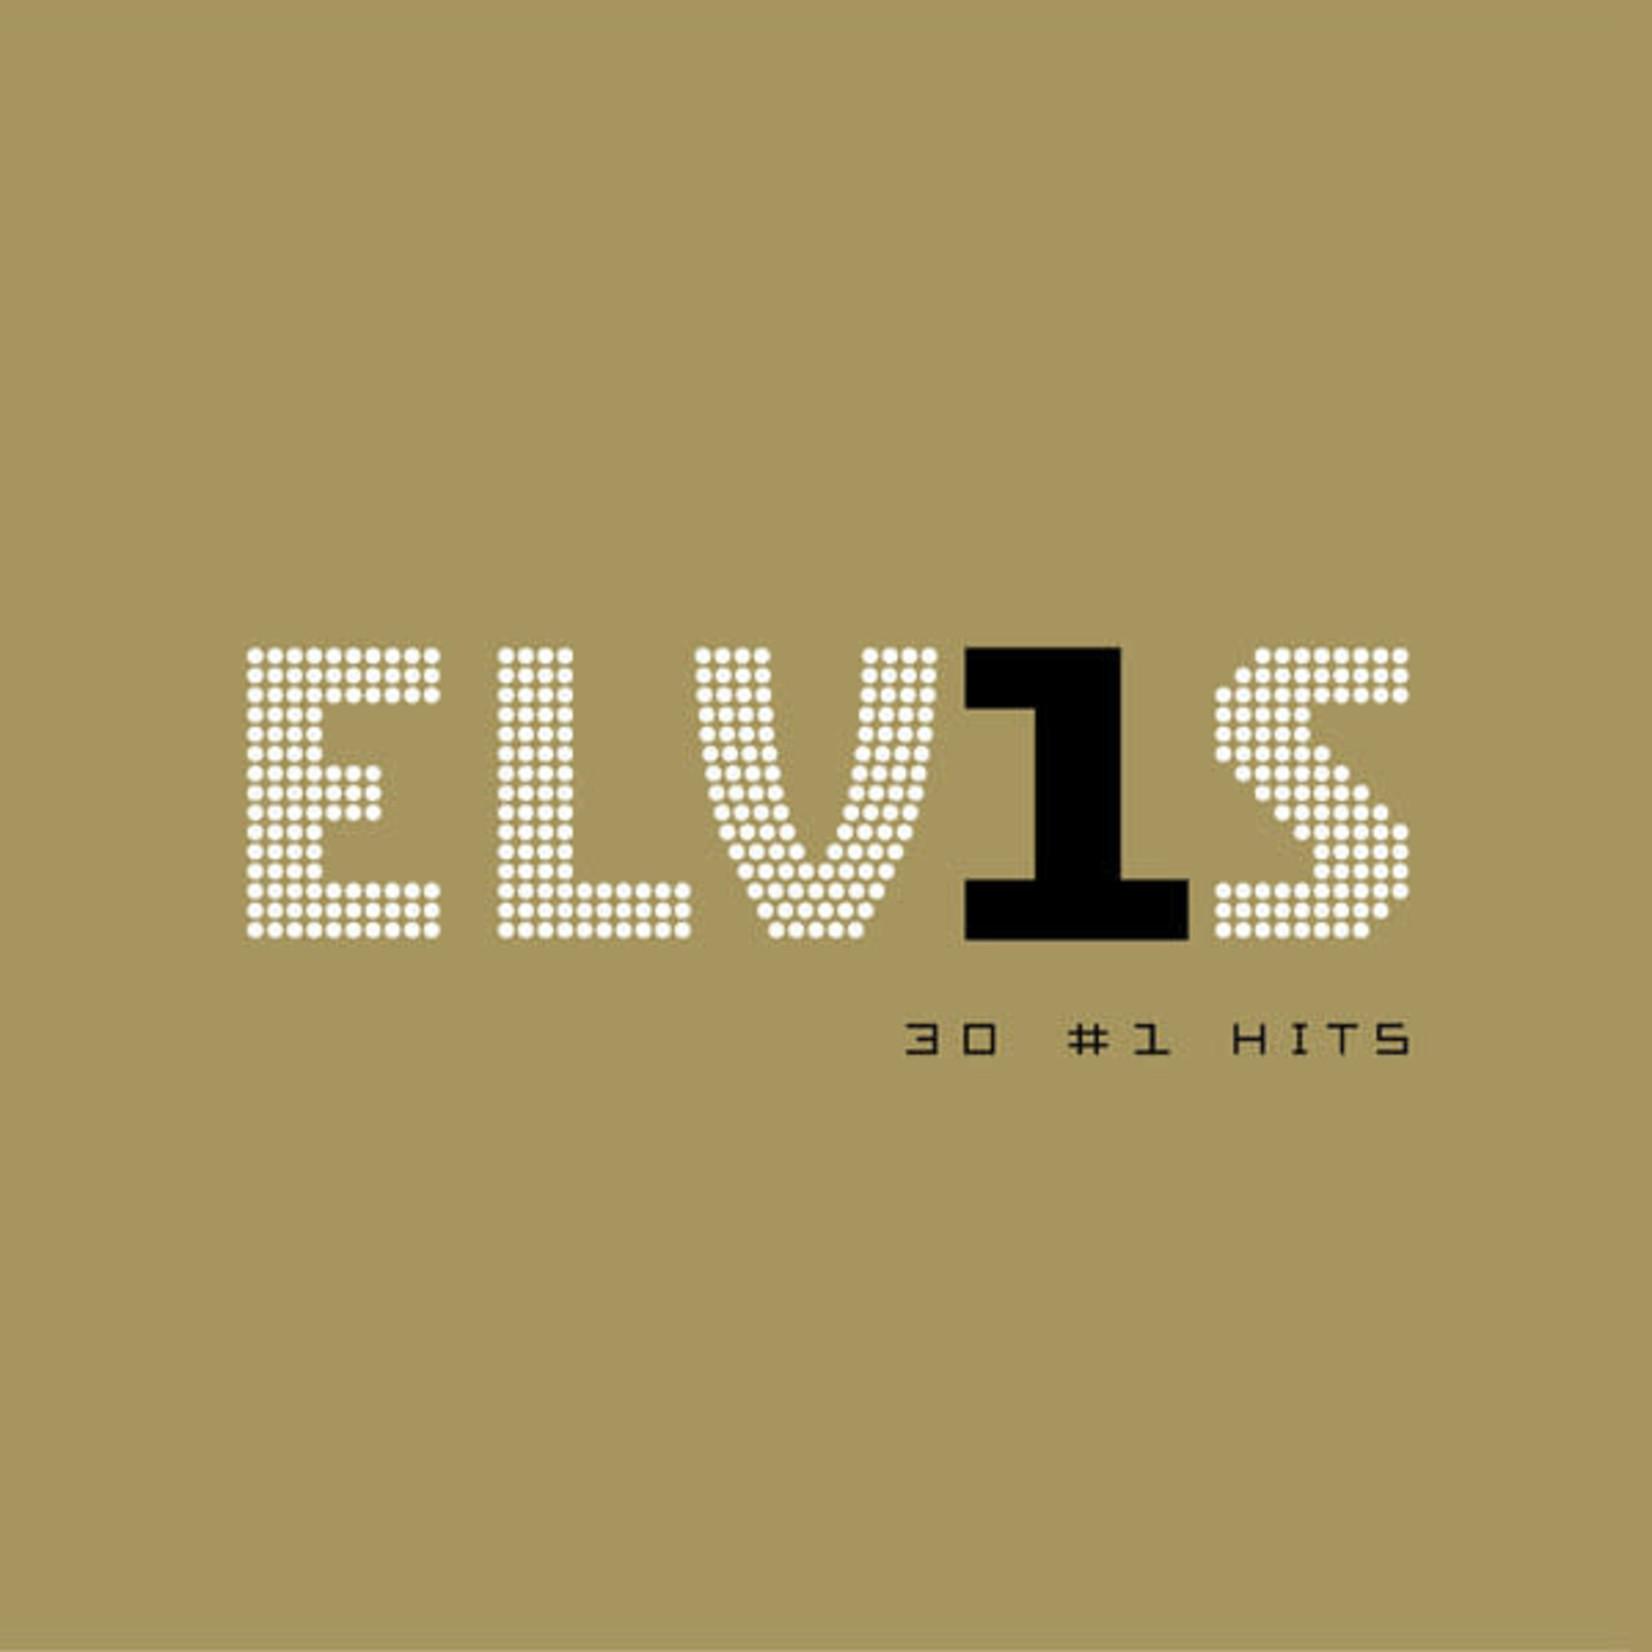 [New] Presley, Elvis: ELV1S 30 #1 Hits (2LP)